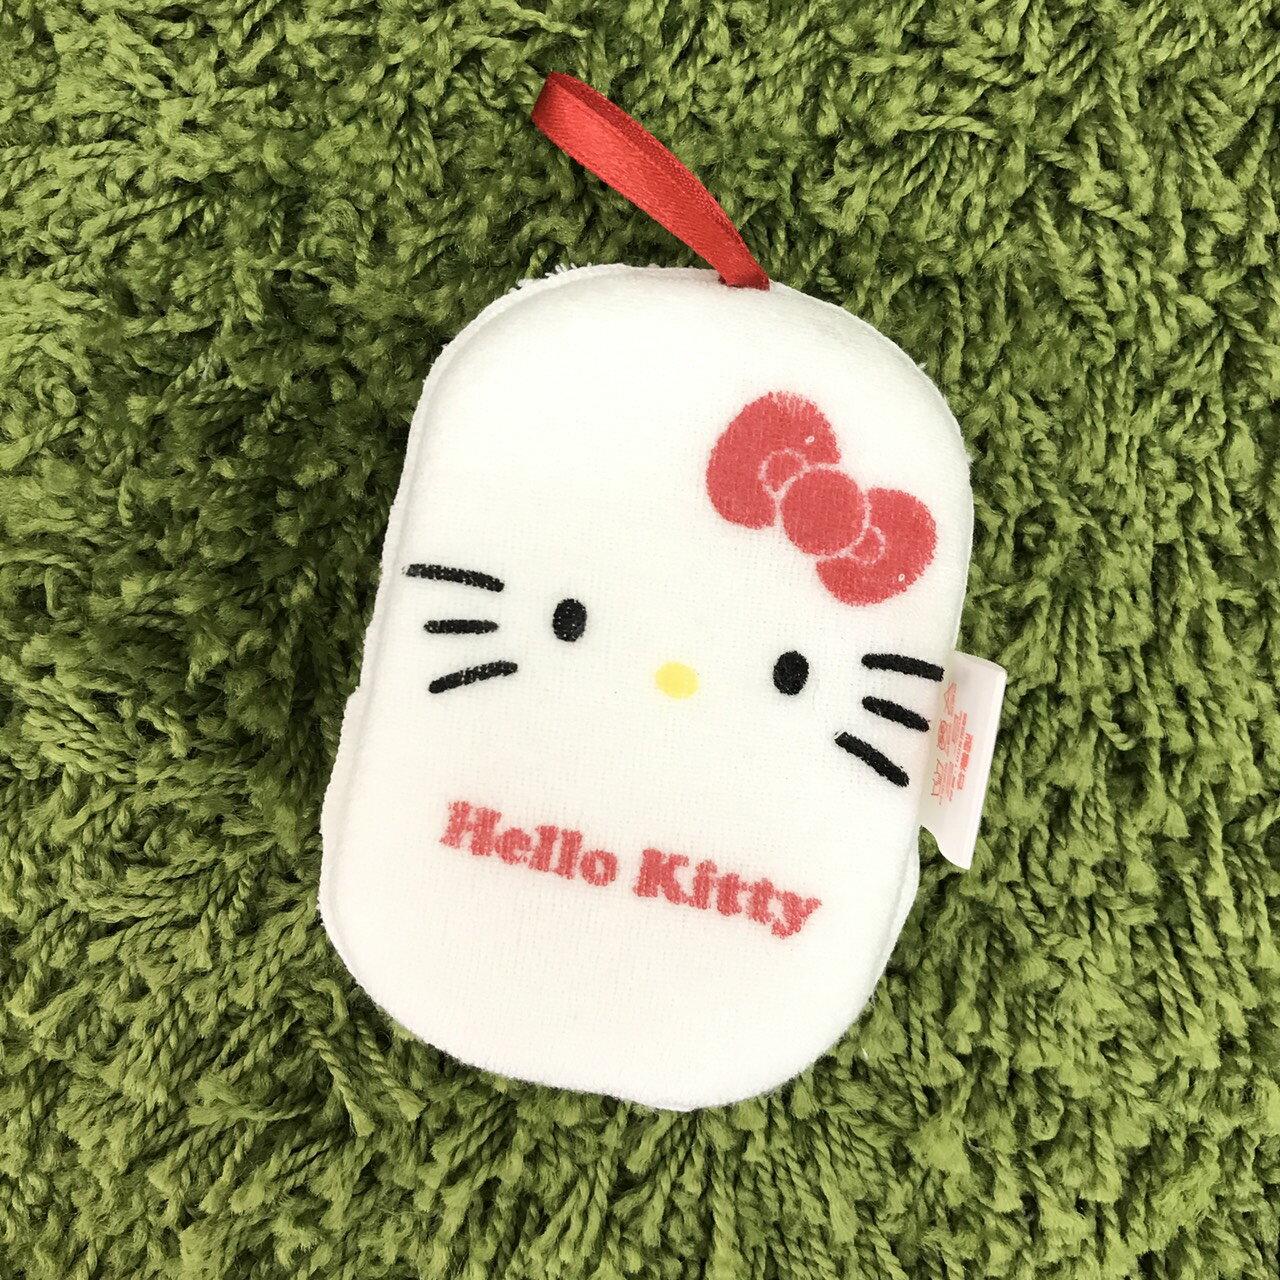 【真愛日本】17110600027 洗澡海綿-KT大臉new 三麗鷗 Hello Kitty 凱蒂貓 日用品 清潔用品 居家生活